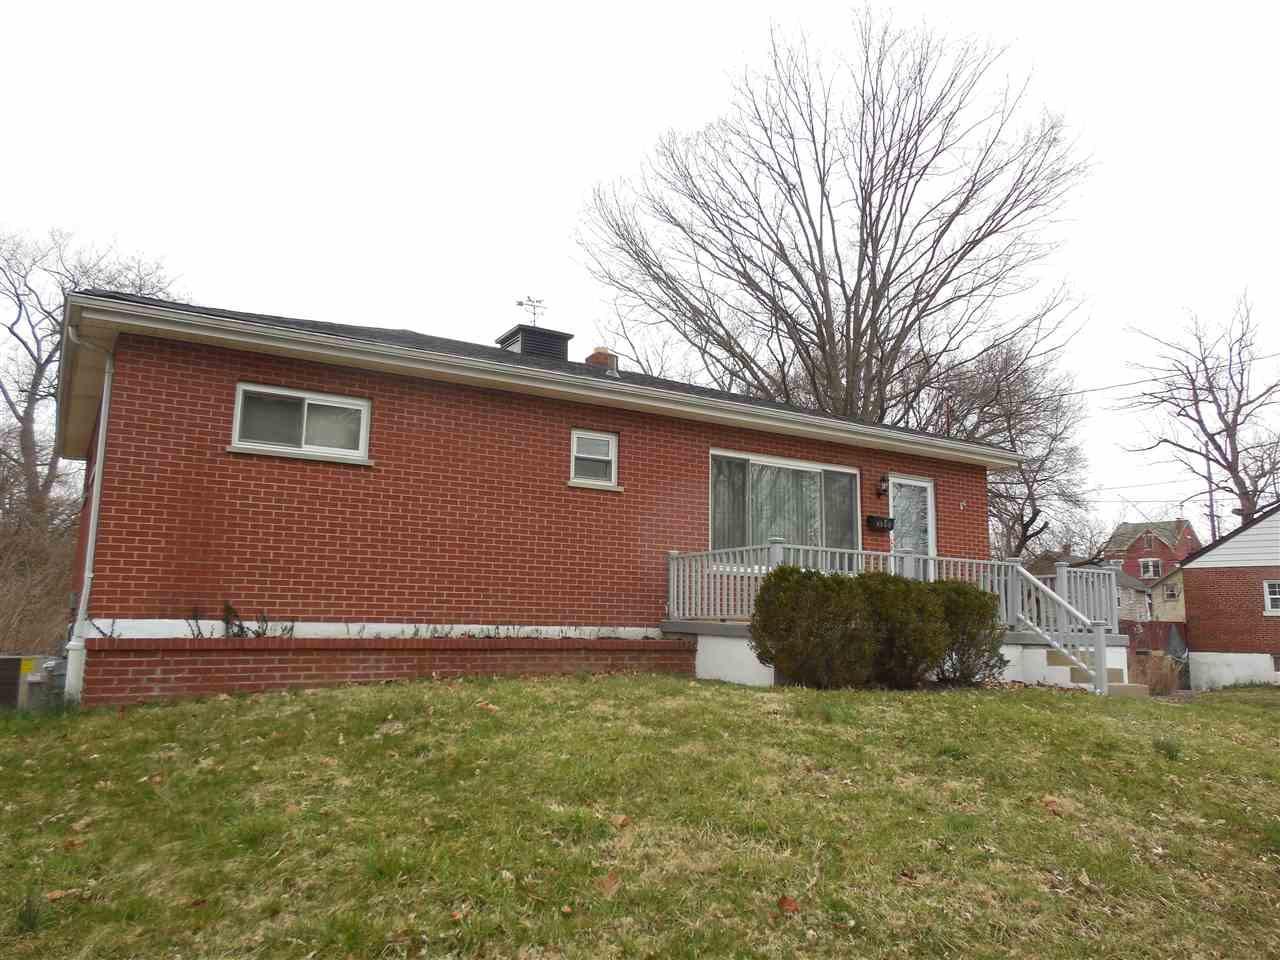 Photo 3 for 4509 Carroll St Covington, KY 41015